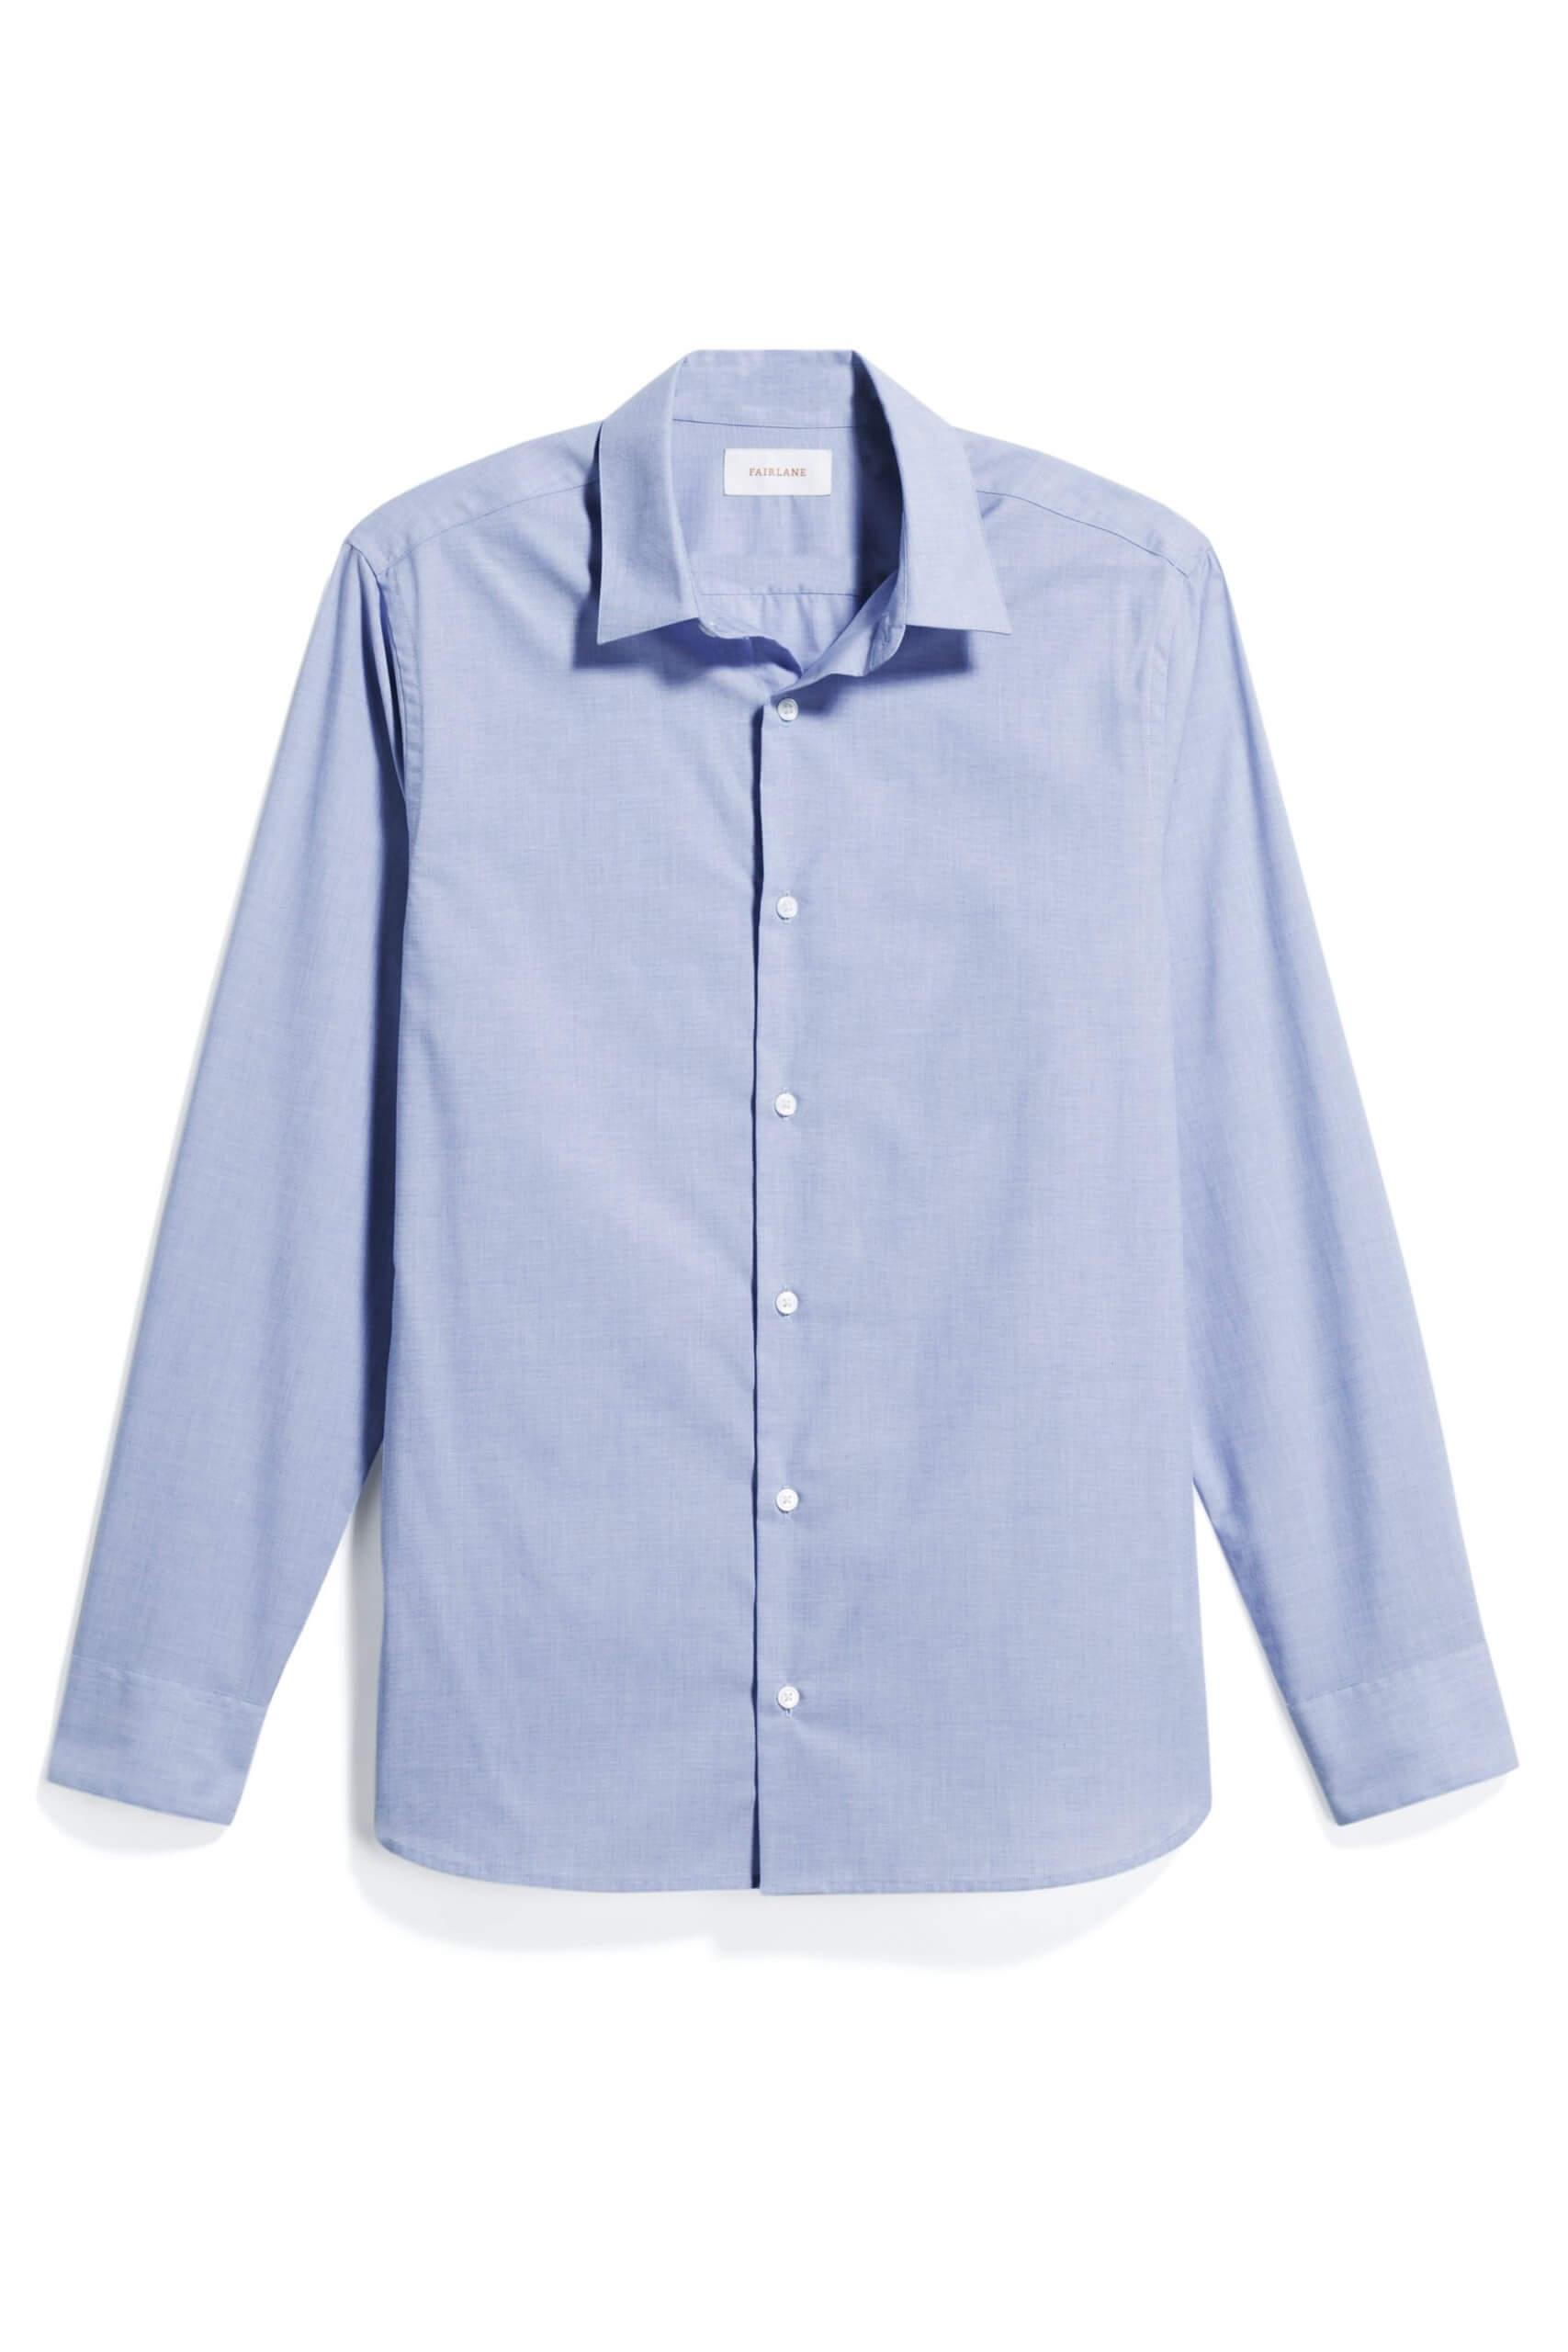 Stitch Fix Men's light blue collared dress shirt.